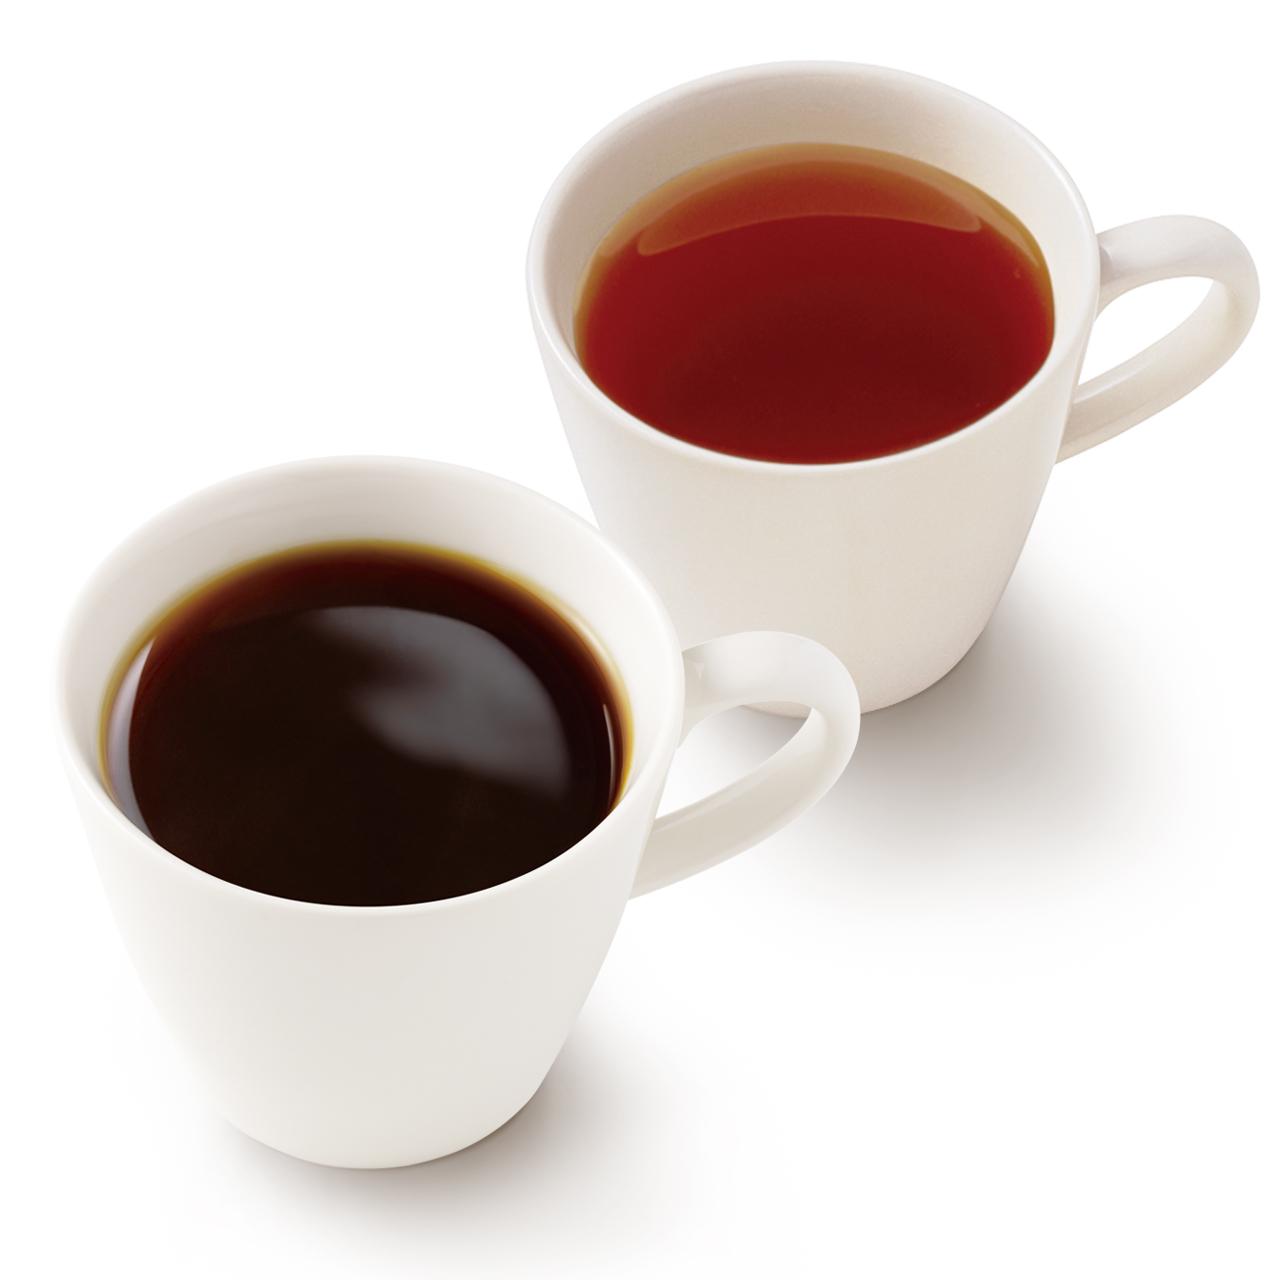 ブレンドコーヒー・紅茶 キャンディ茶葉(レモン/ミルク)いずれか1つ